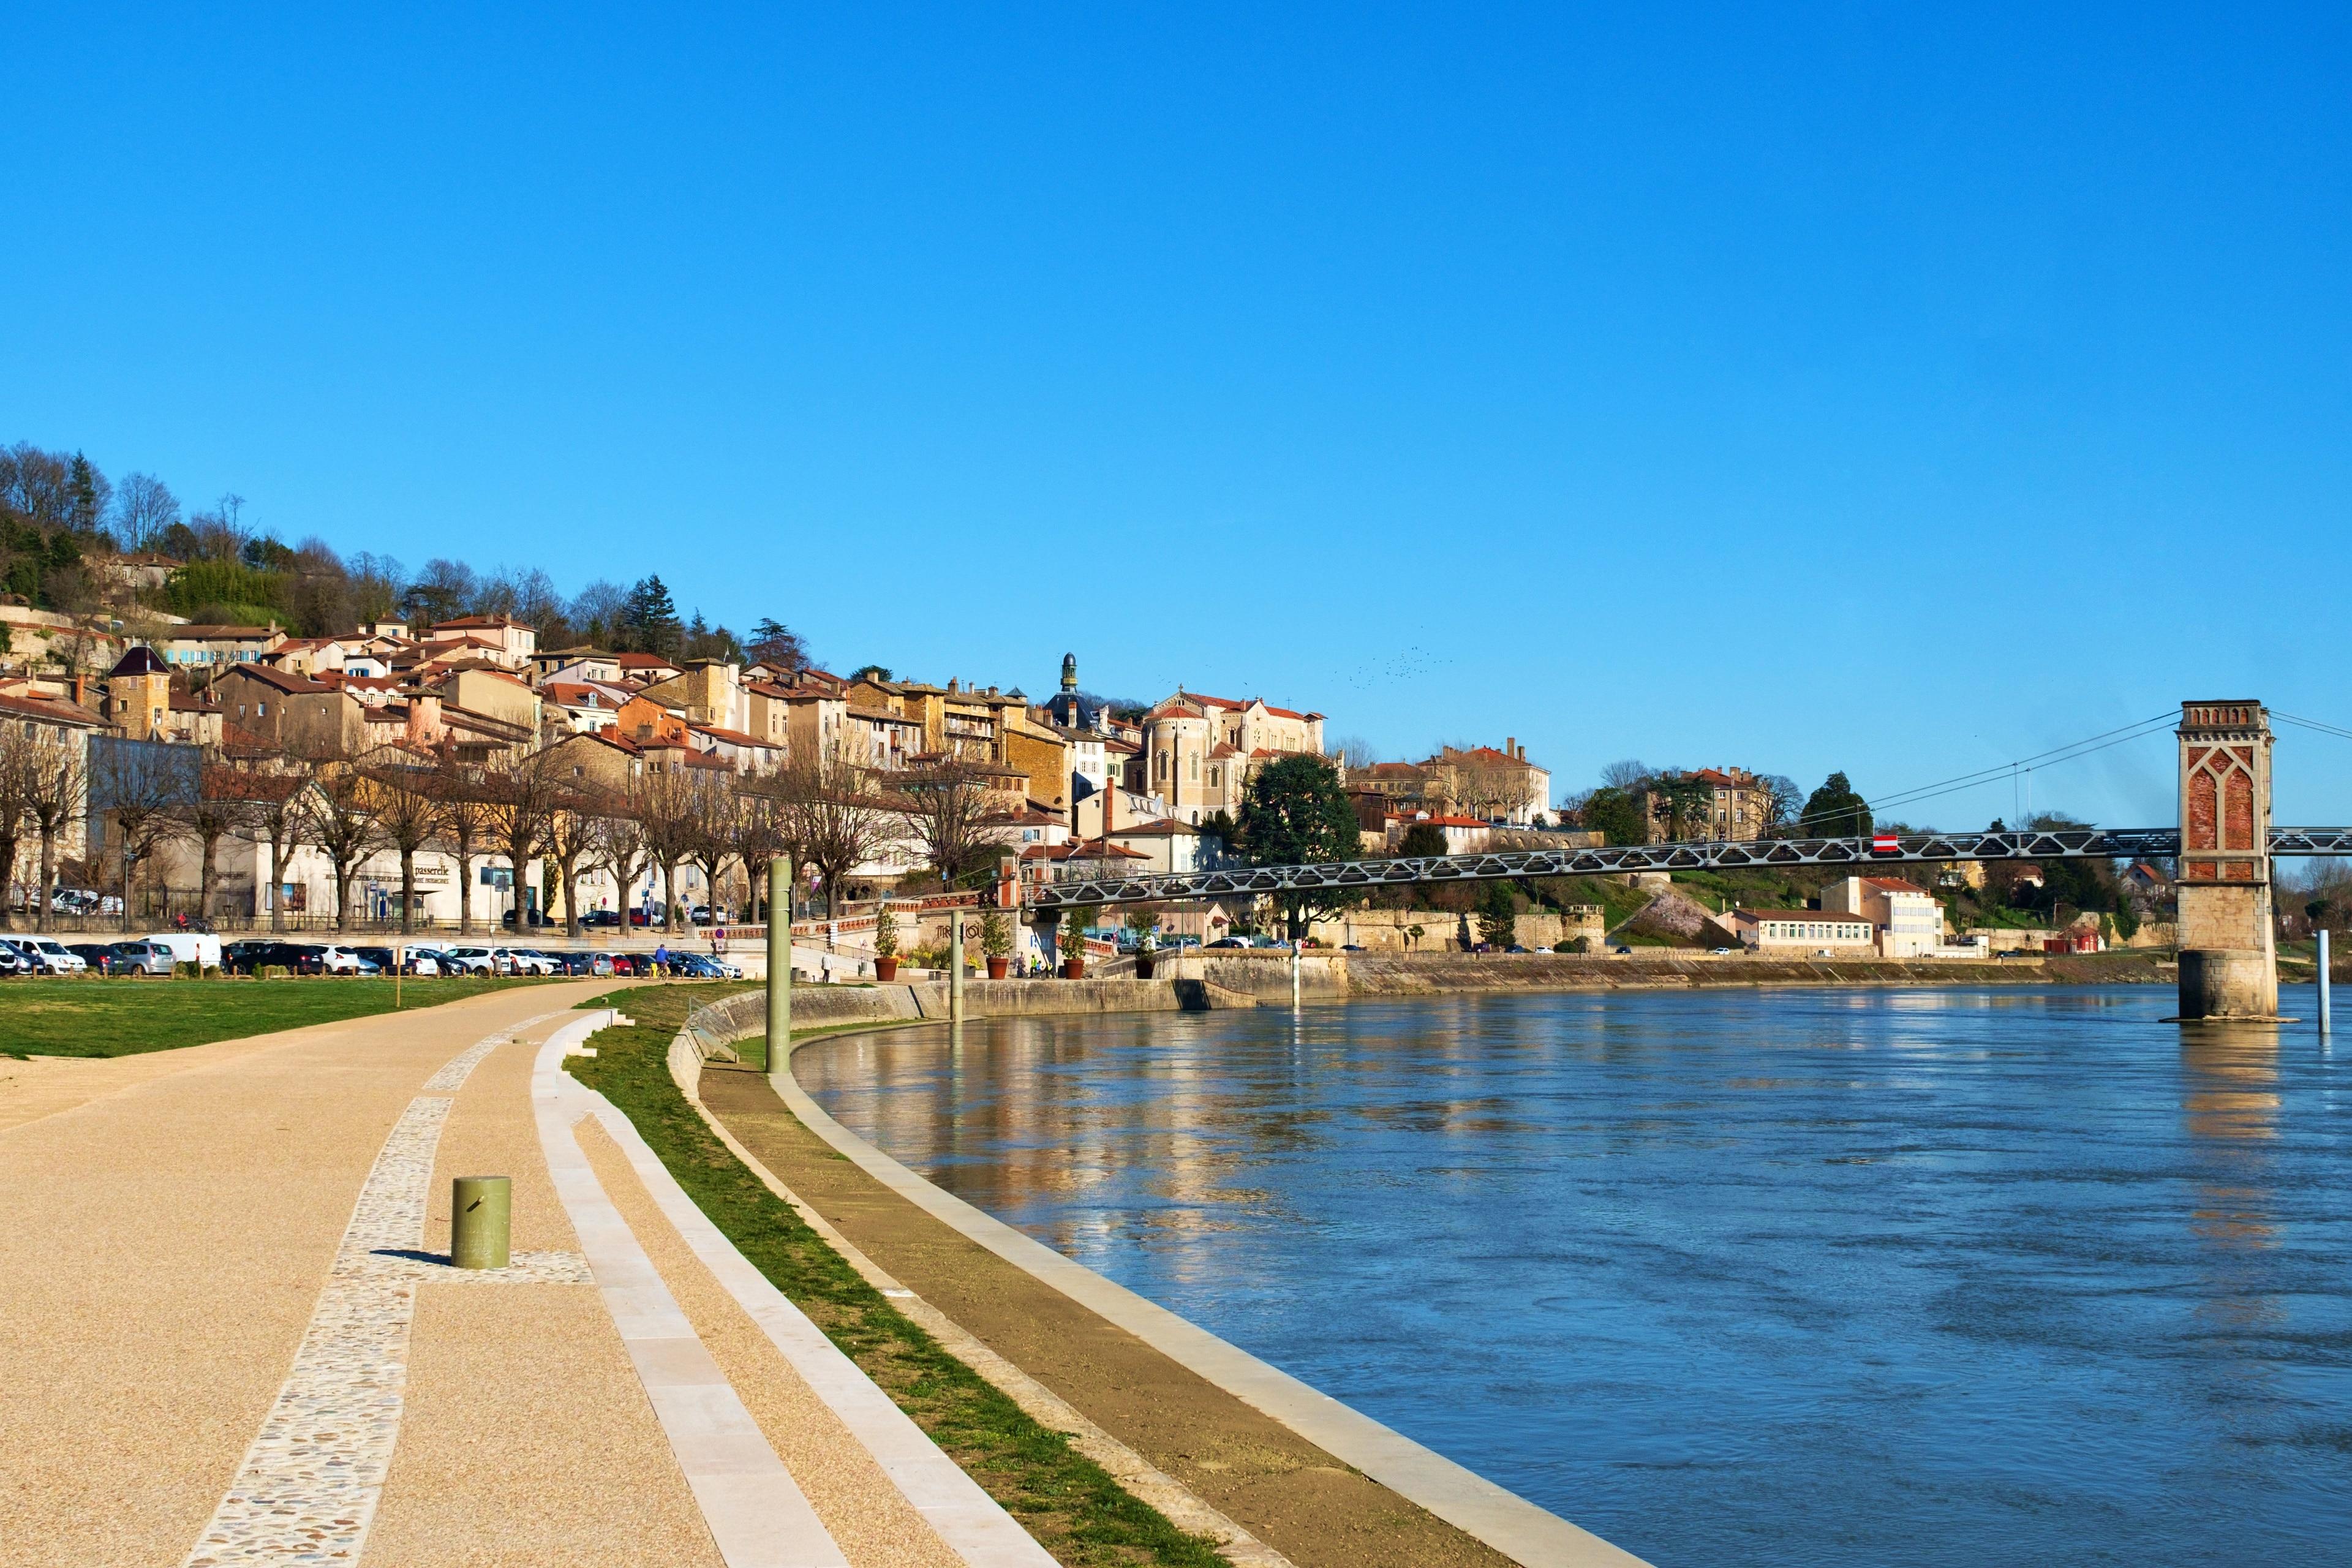 Ain, France